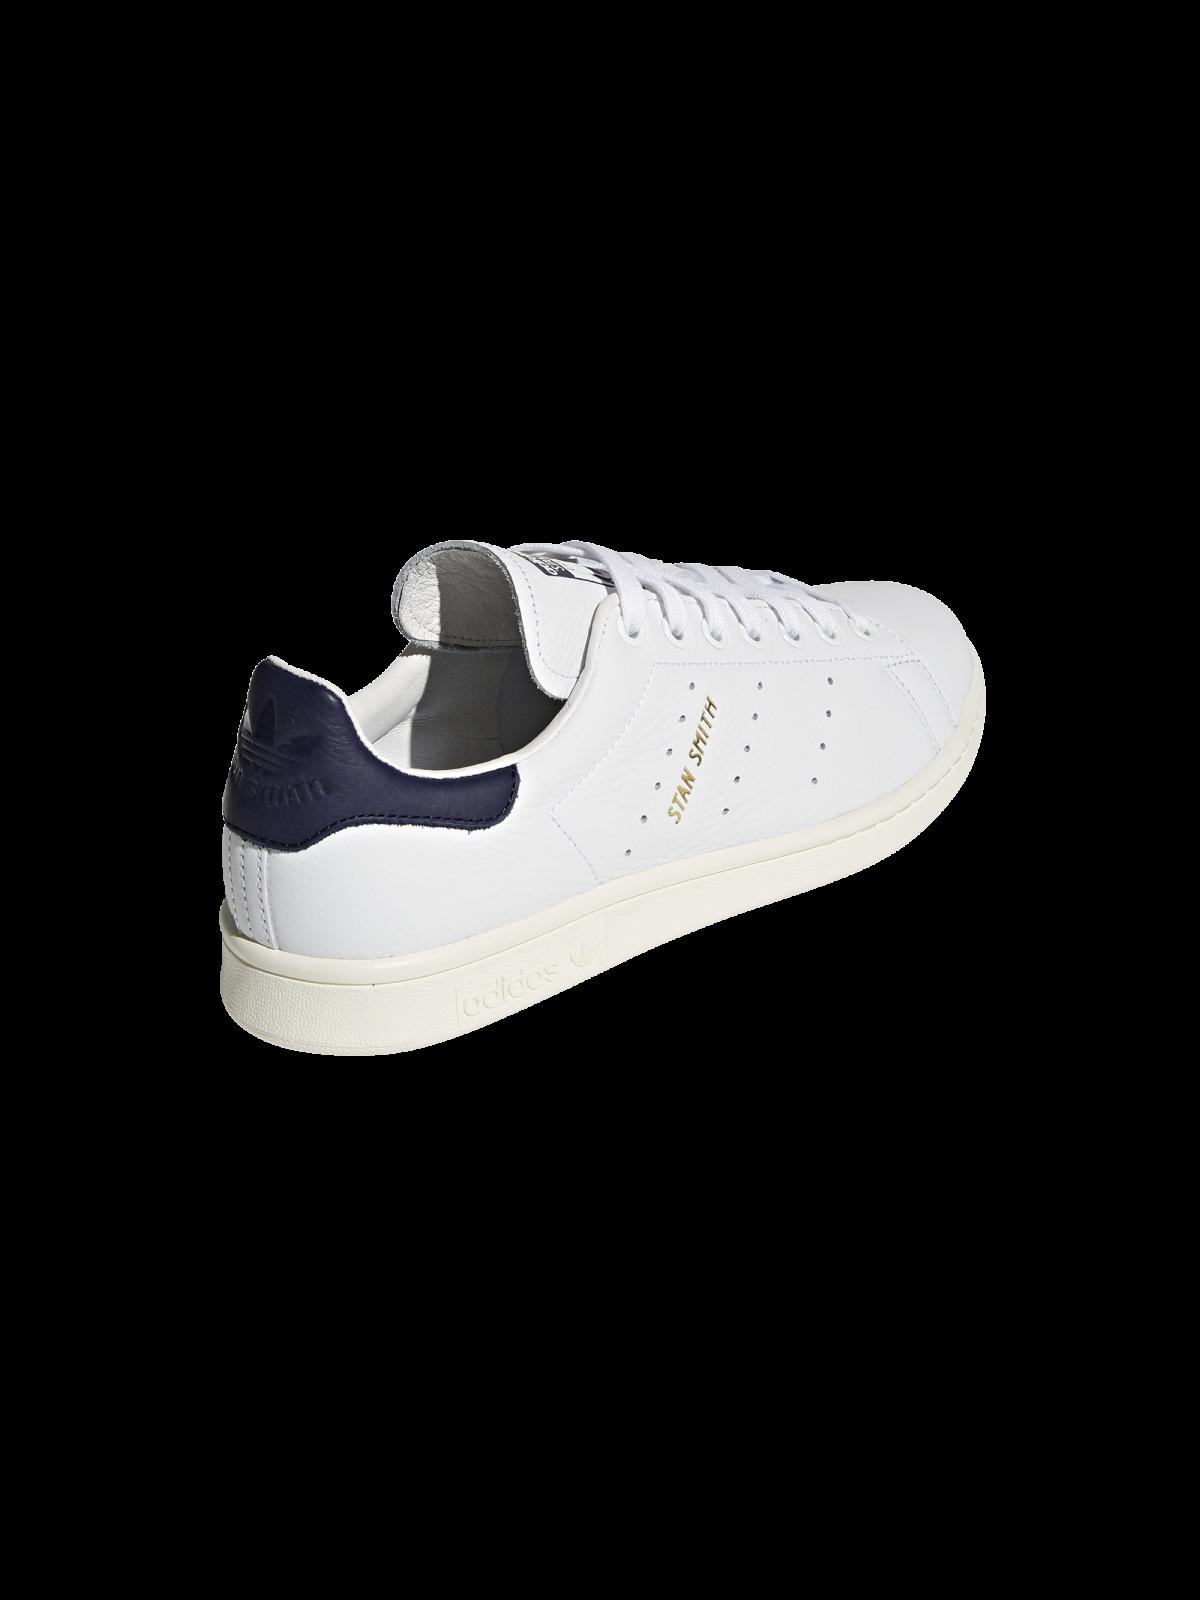 adidas stan smith bleu marine 40